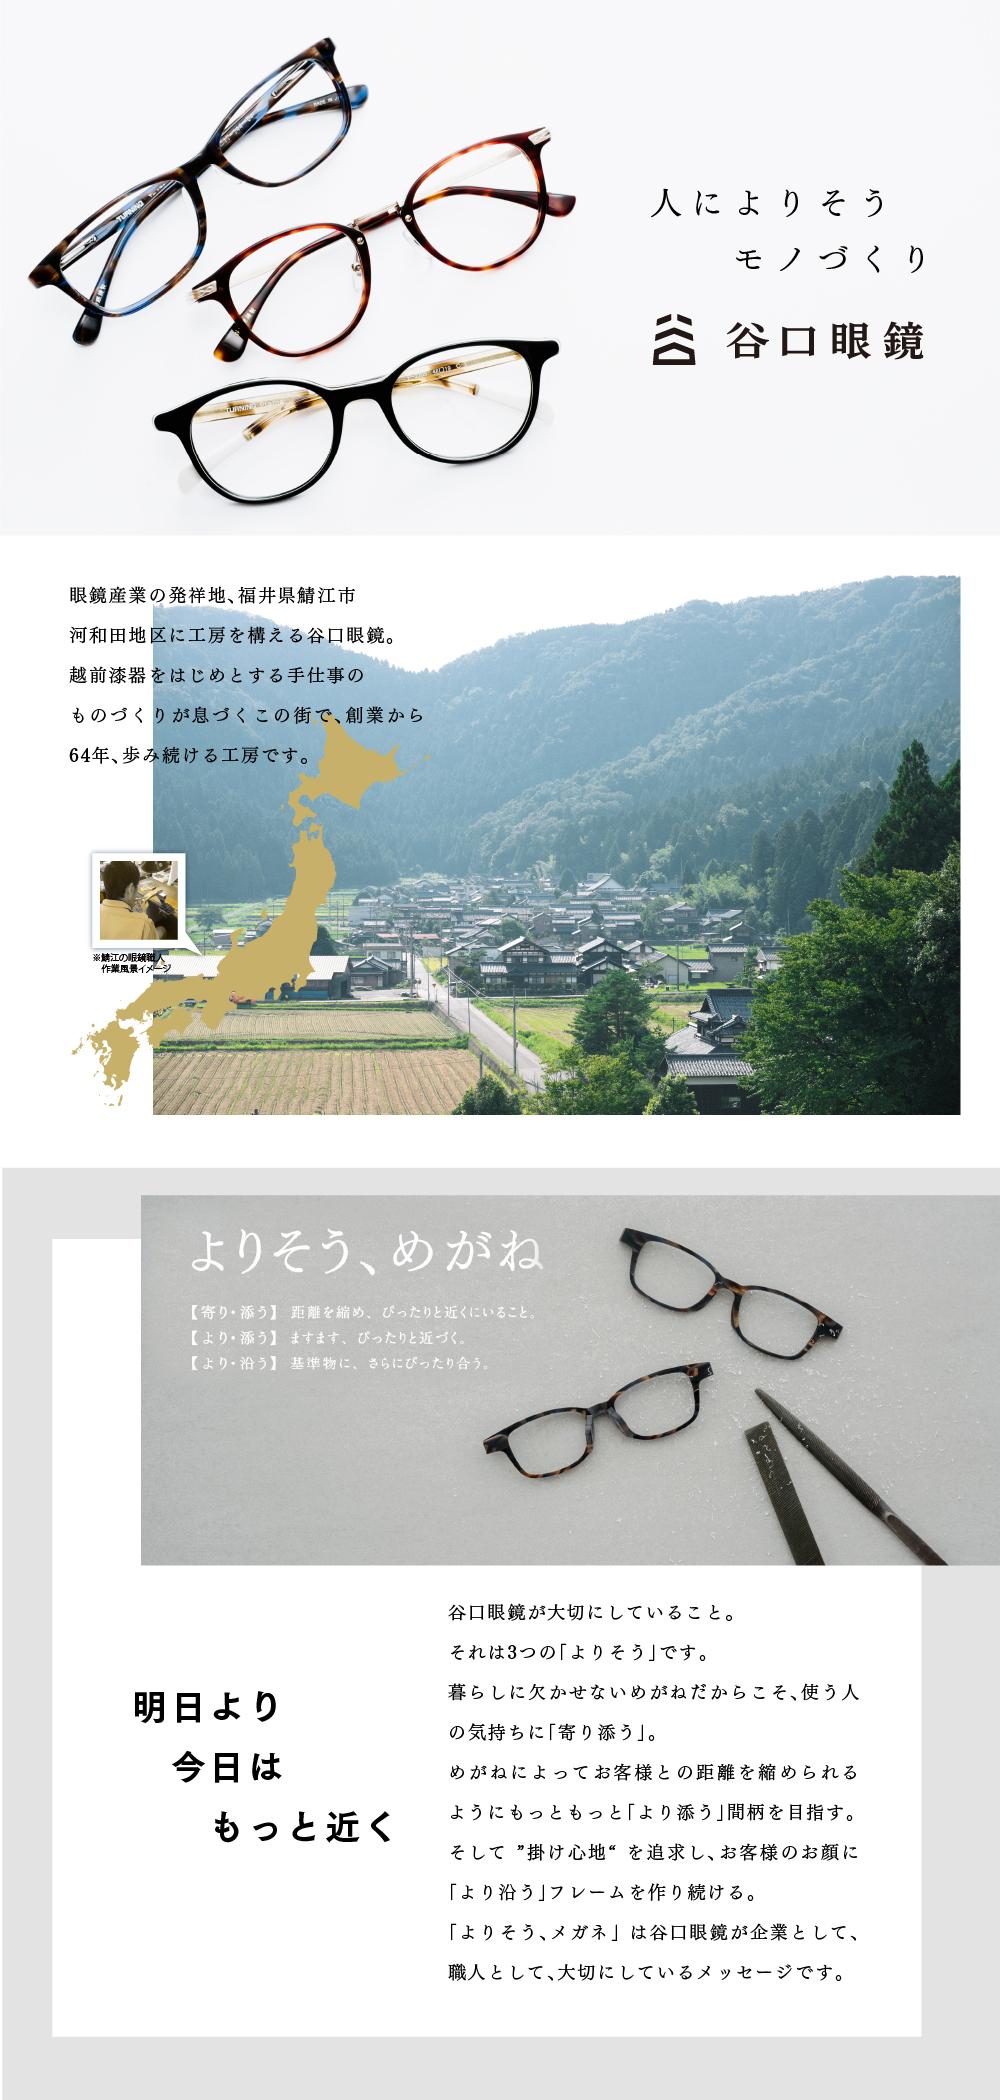 """人によりそうモノづくり 谷口眼鏡 眼鏡産業の発祥地、福井県鯖江市 河和田地区に工房を構える谷口眼鏡。 越前漆器をはじめとする手仕事の ものづくりが息づくこの街で、創業から64年歩み続ける工房です。 よりそう、めがね 【寄り・添う】距離を縮め、ぴったりと近くにいること。 【より・添う】ますます、ぴったりと近づく。 【より・沿う】基準物に、さらにぴったり合う。 明日より 今日はもっと近く。 谷口眼鏡が大切にしていること。 それは3つの「よりそう」です。 暮らしに欠かせないめがねだからこそ、使う人の気持ちに「寄り添う」。 めがねによってお客様との距離を縮められるようにもっともっと「より添う」間柄を目指す。 そして """"掛け心地"""" を追求し、お客様のお顔に「より沿う」フレームを作り続ける。 「よりそう、メガネ」 は谷口眼鏡が企業として、職人として、大切にしているメッセージです。"""